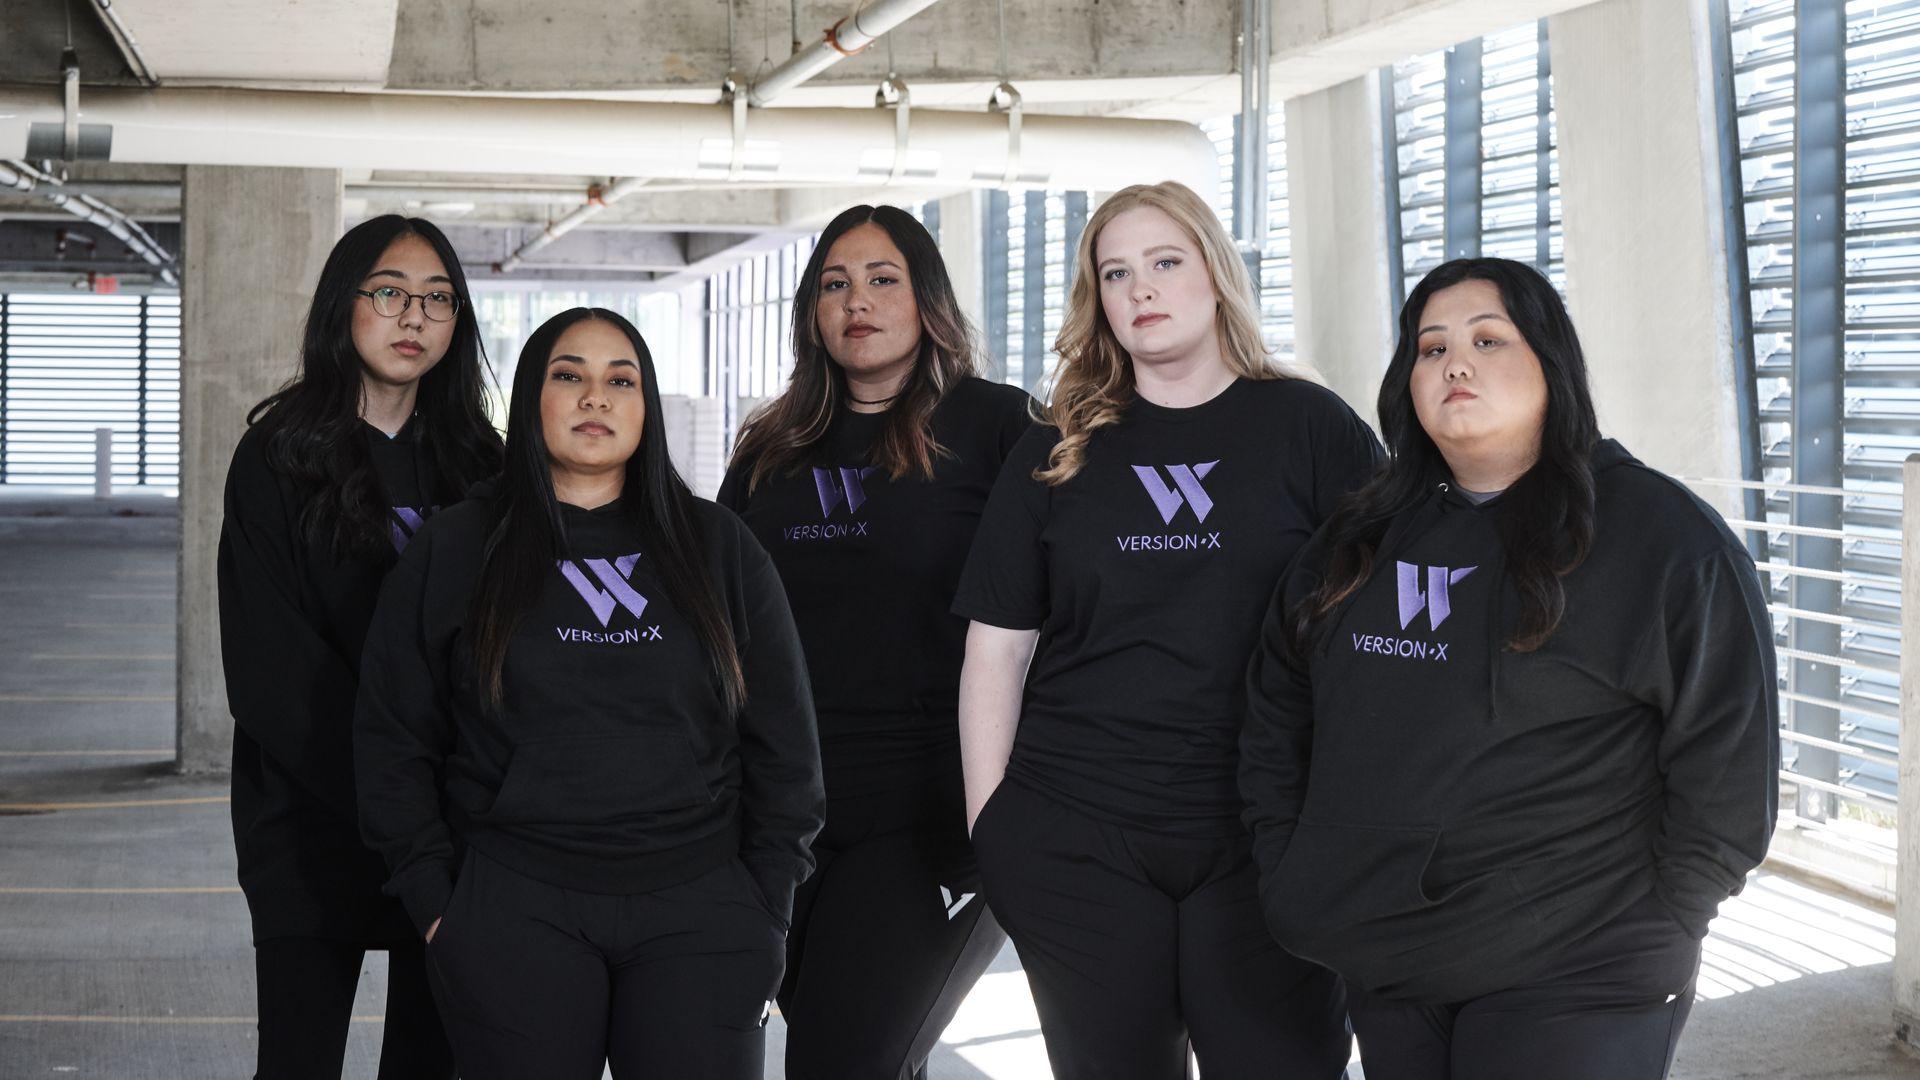 five women standing in parking garage in Versionx hoodies